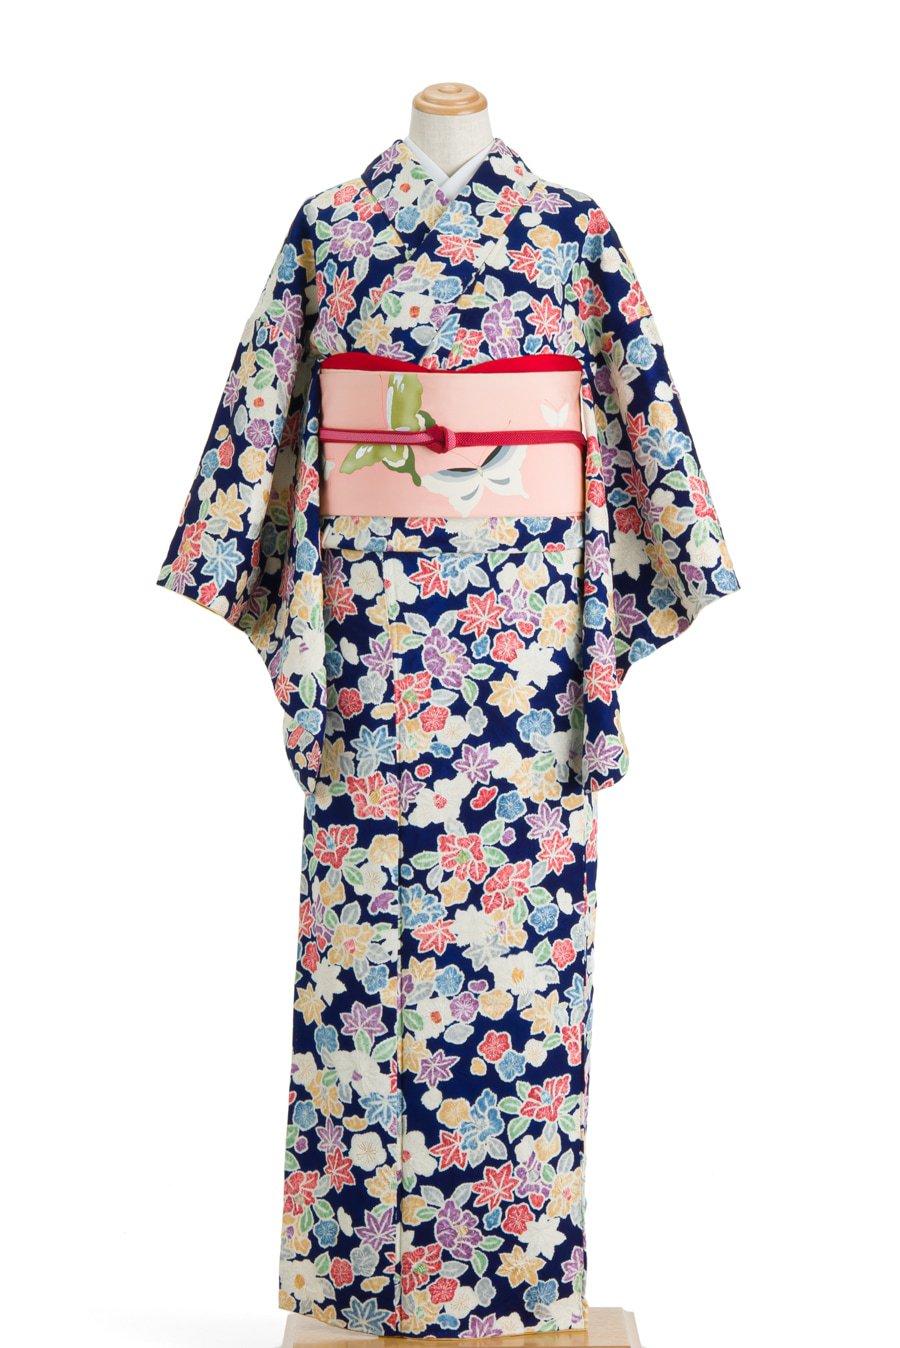 「紺地に椿 梅 紅葉」の商品画像